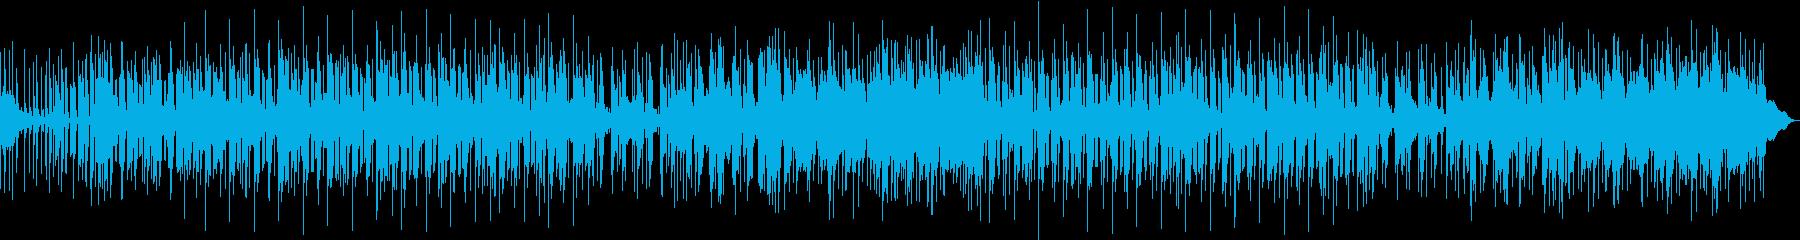 小粋なエレピのアシッドジャズの再生済みの波形